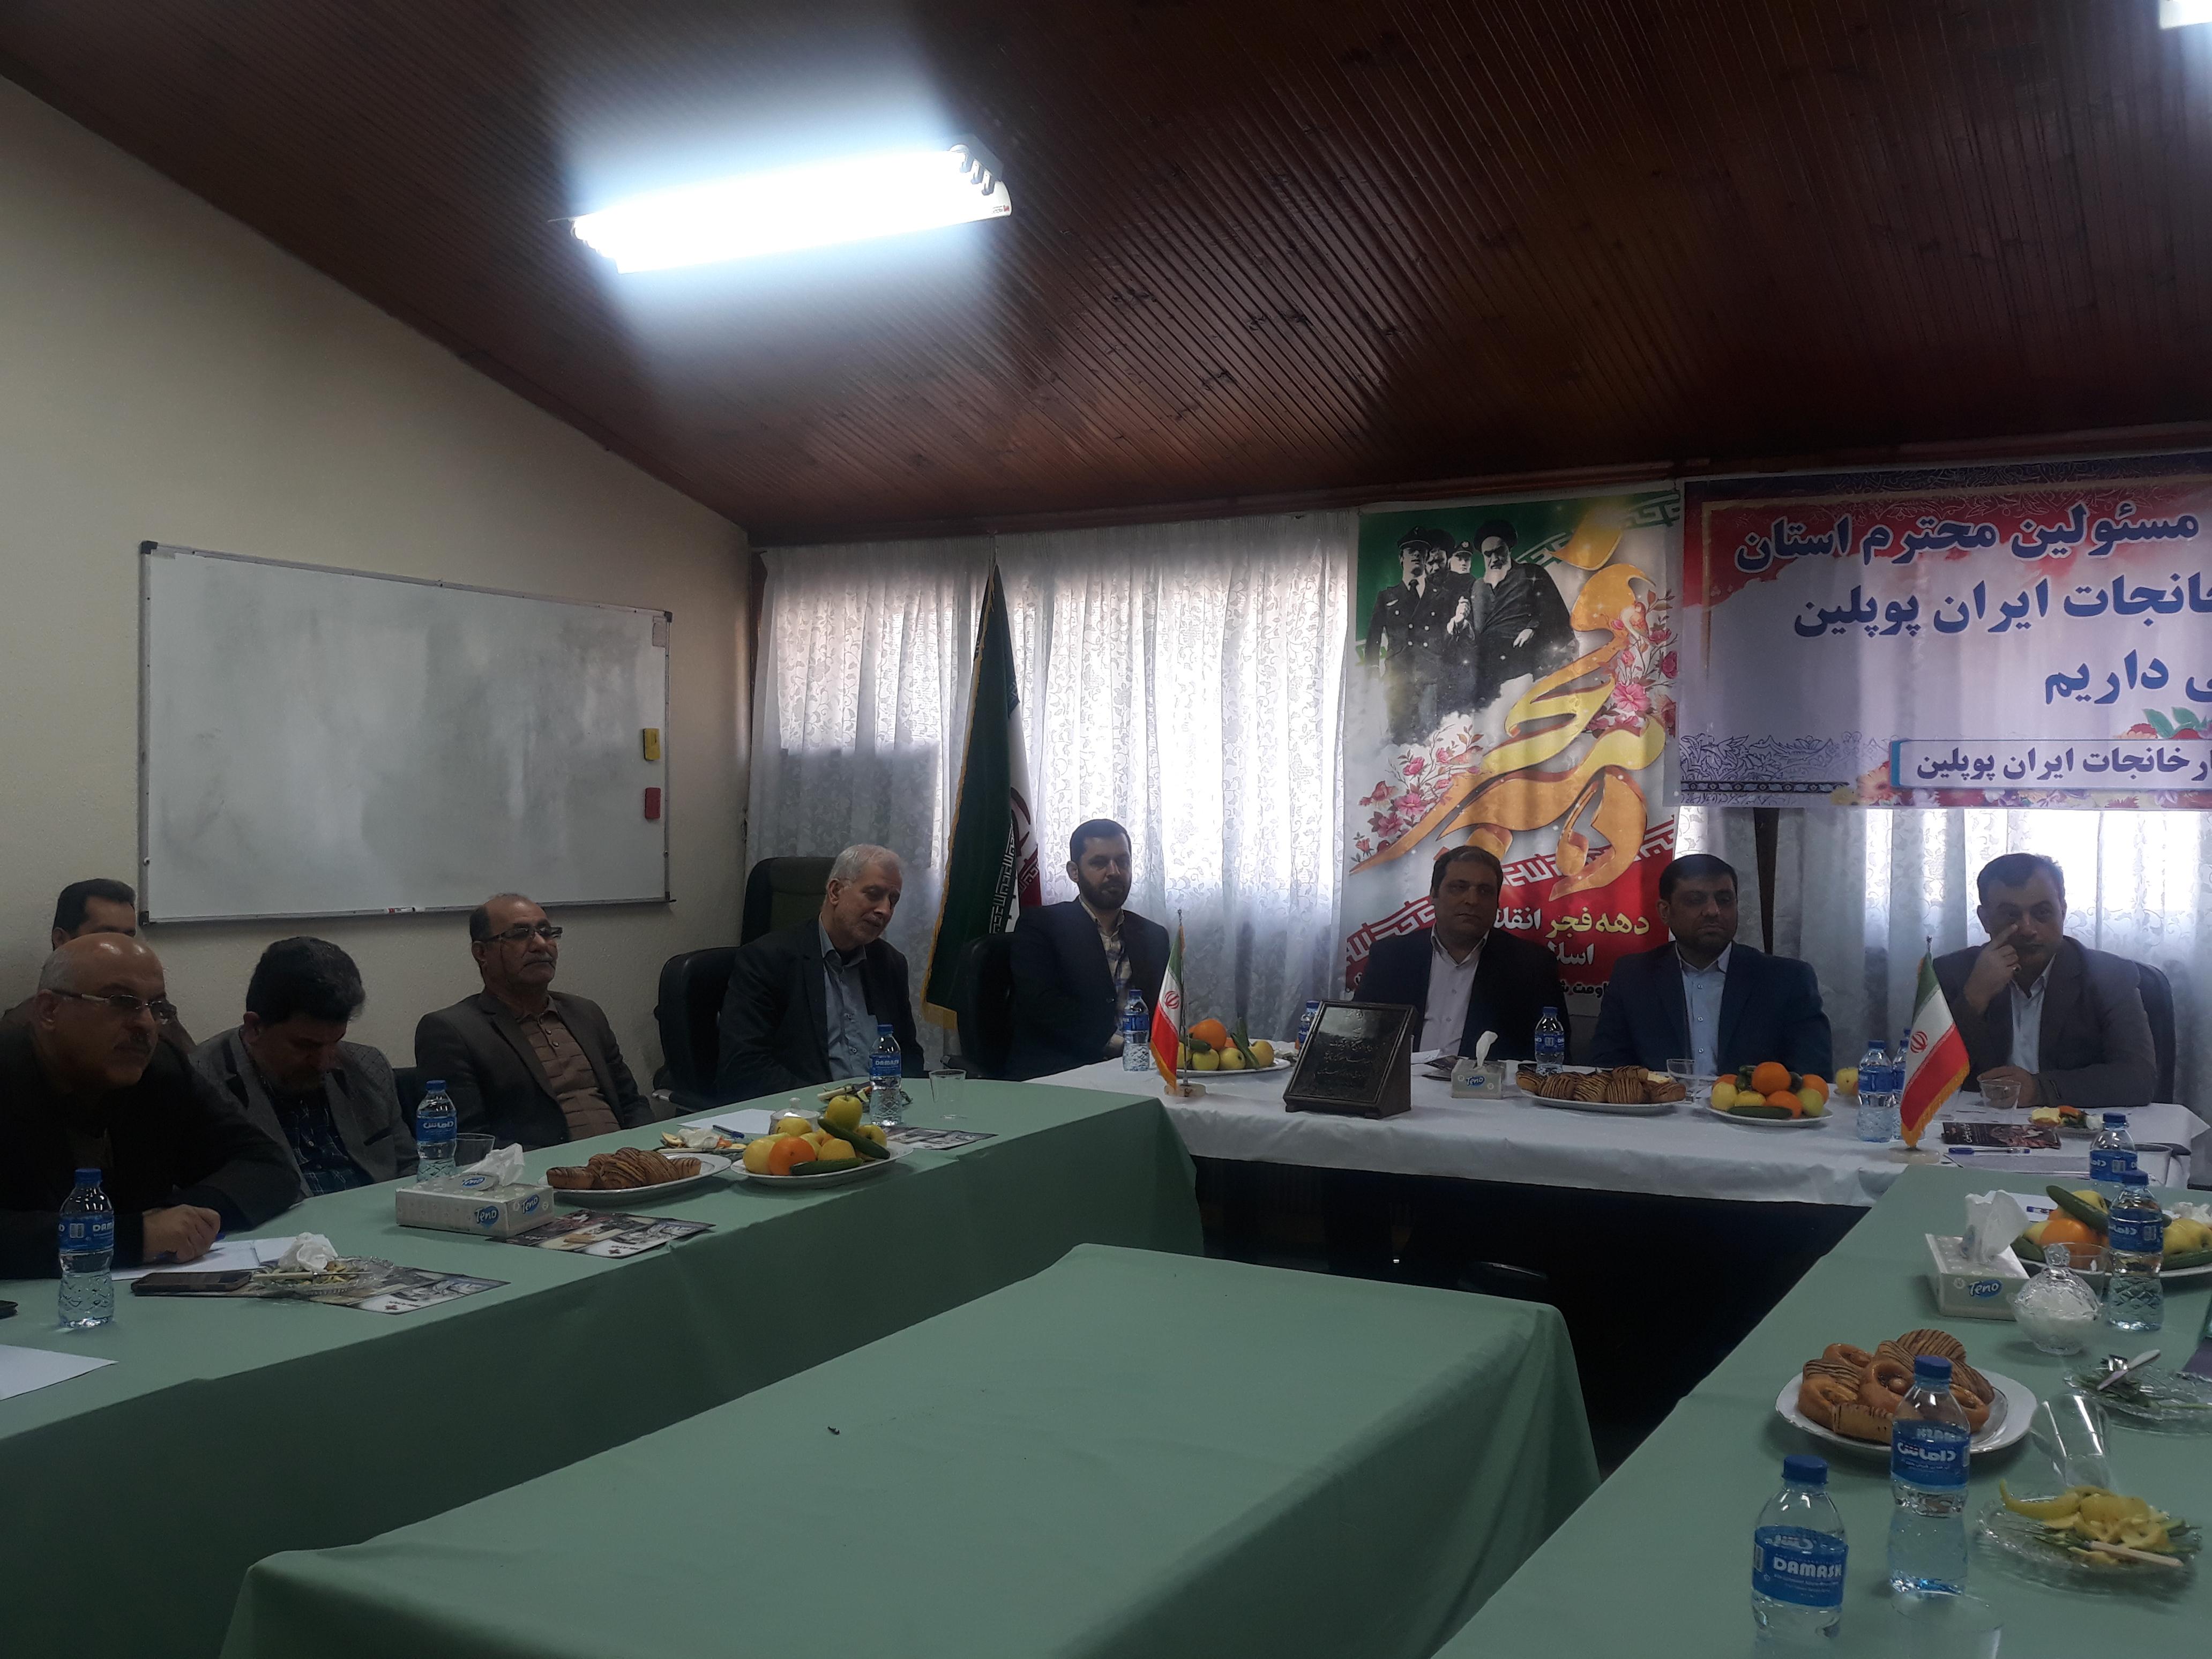 در نشستی با حضور مسئولان و فعالان کارگری عنوان شد:  ایران پوپلین» با حمایت دولت به روزهای اوج خود برمیگردد